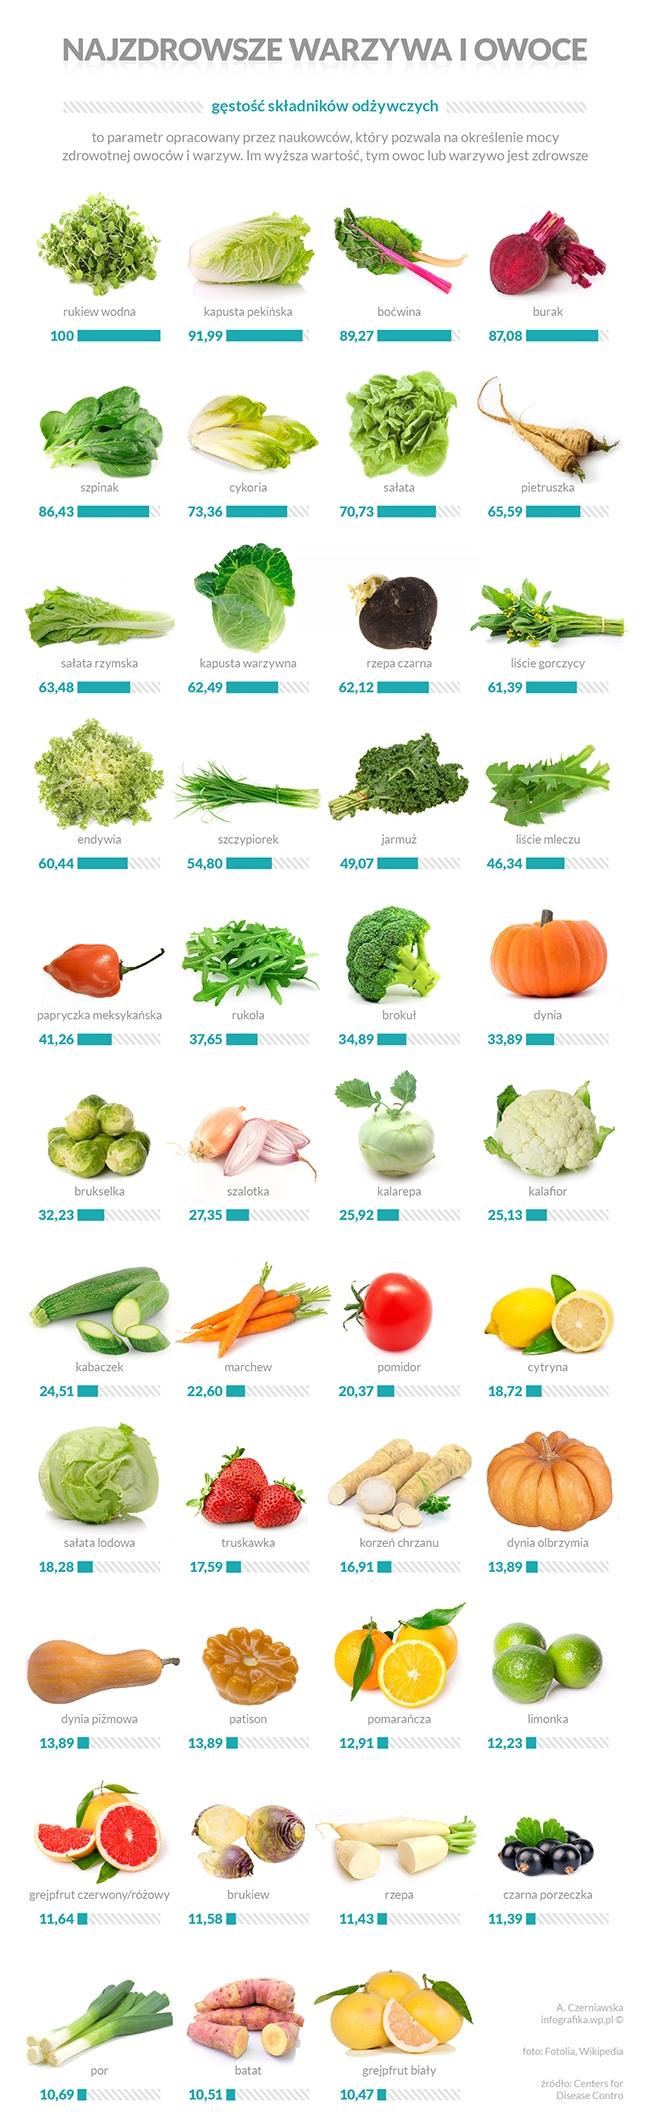 Jakie warzywa jadacie?